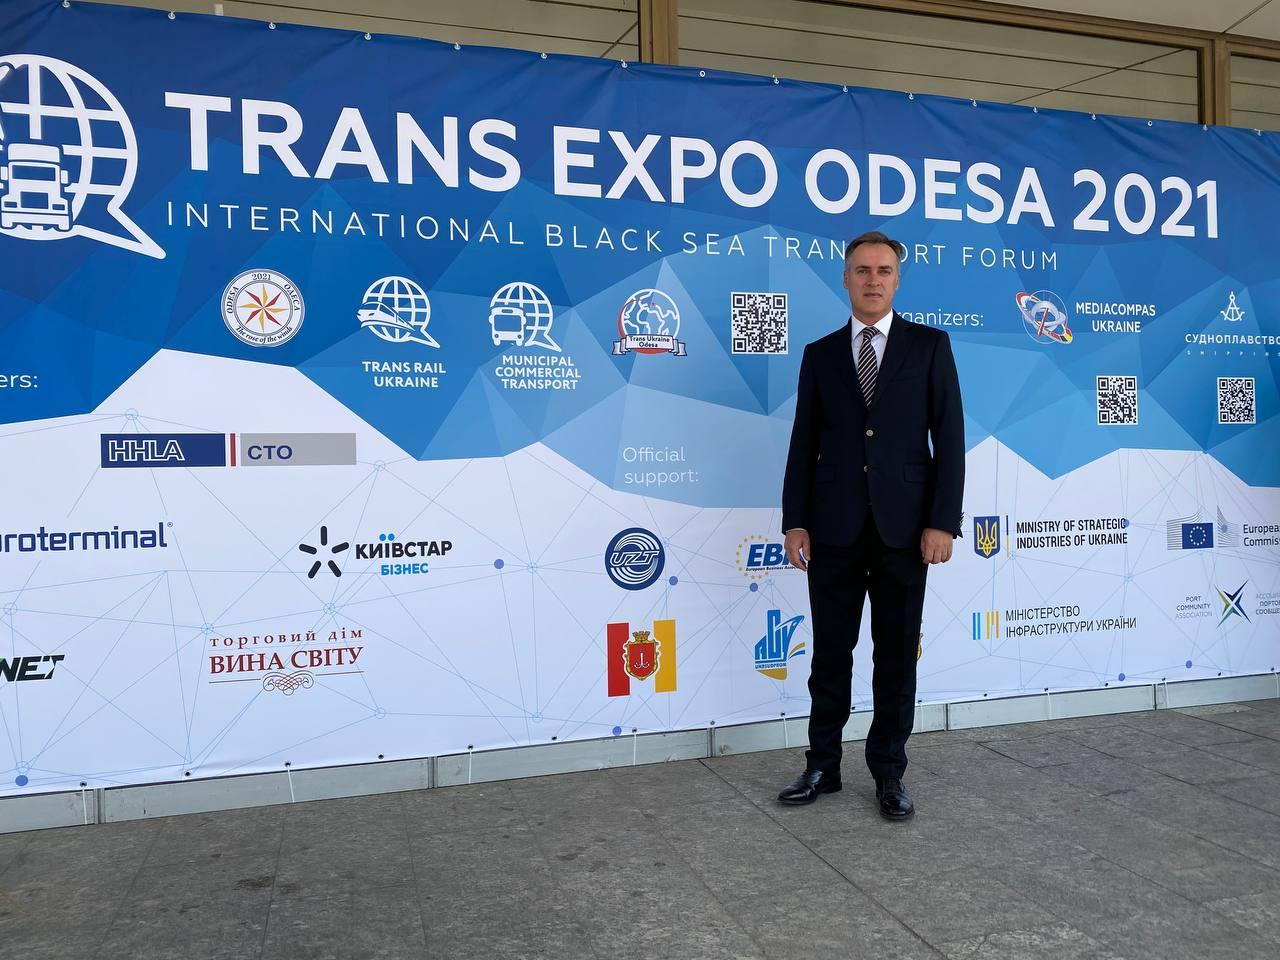 Відкриття міжнародного транспортного форуму TRANS EXPO ODESA 2021